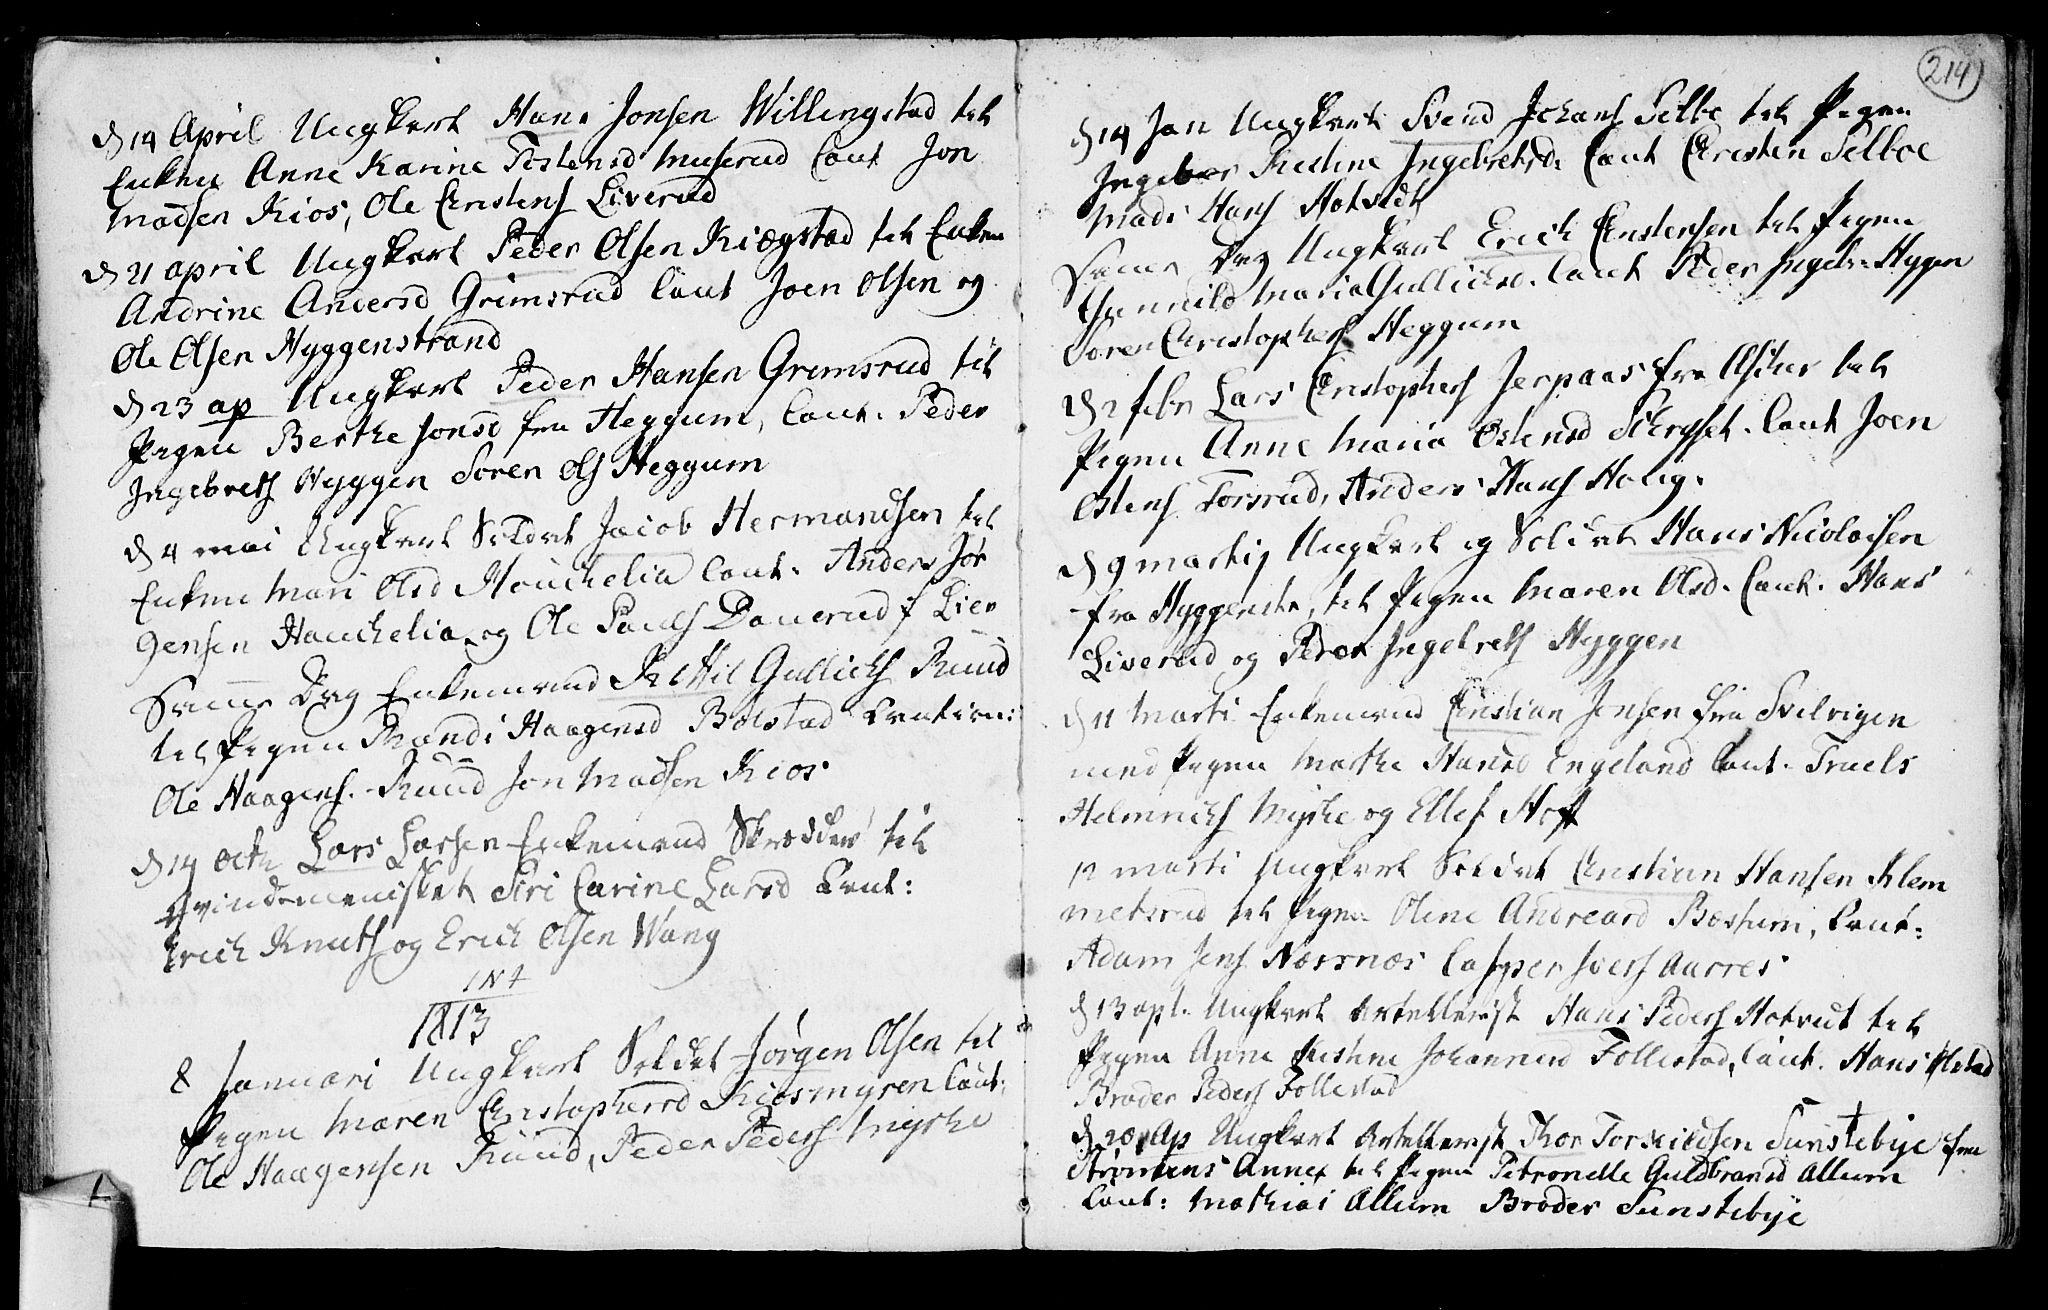 SAKO, Røyken kirkebøker, F/Fa/L0003: Ministerialbok nr. 3, 1782-1813, s. 214